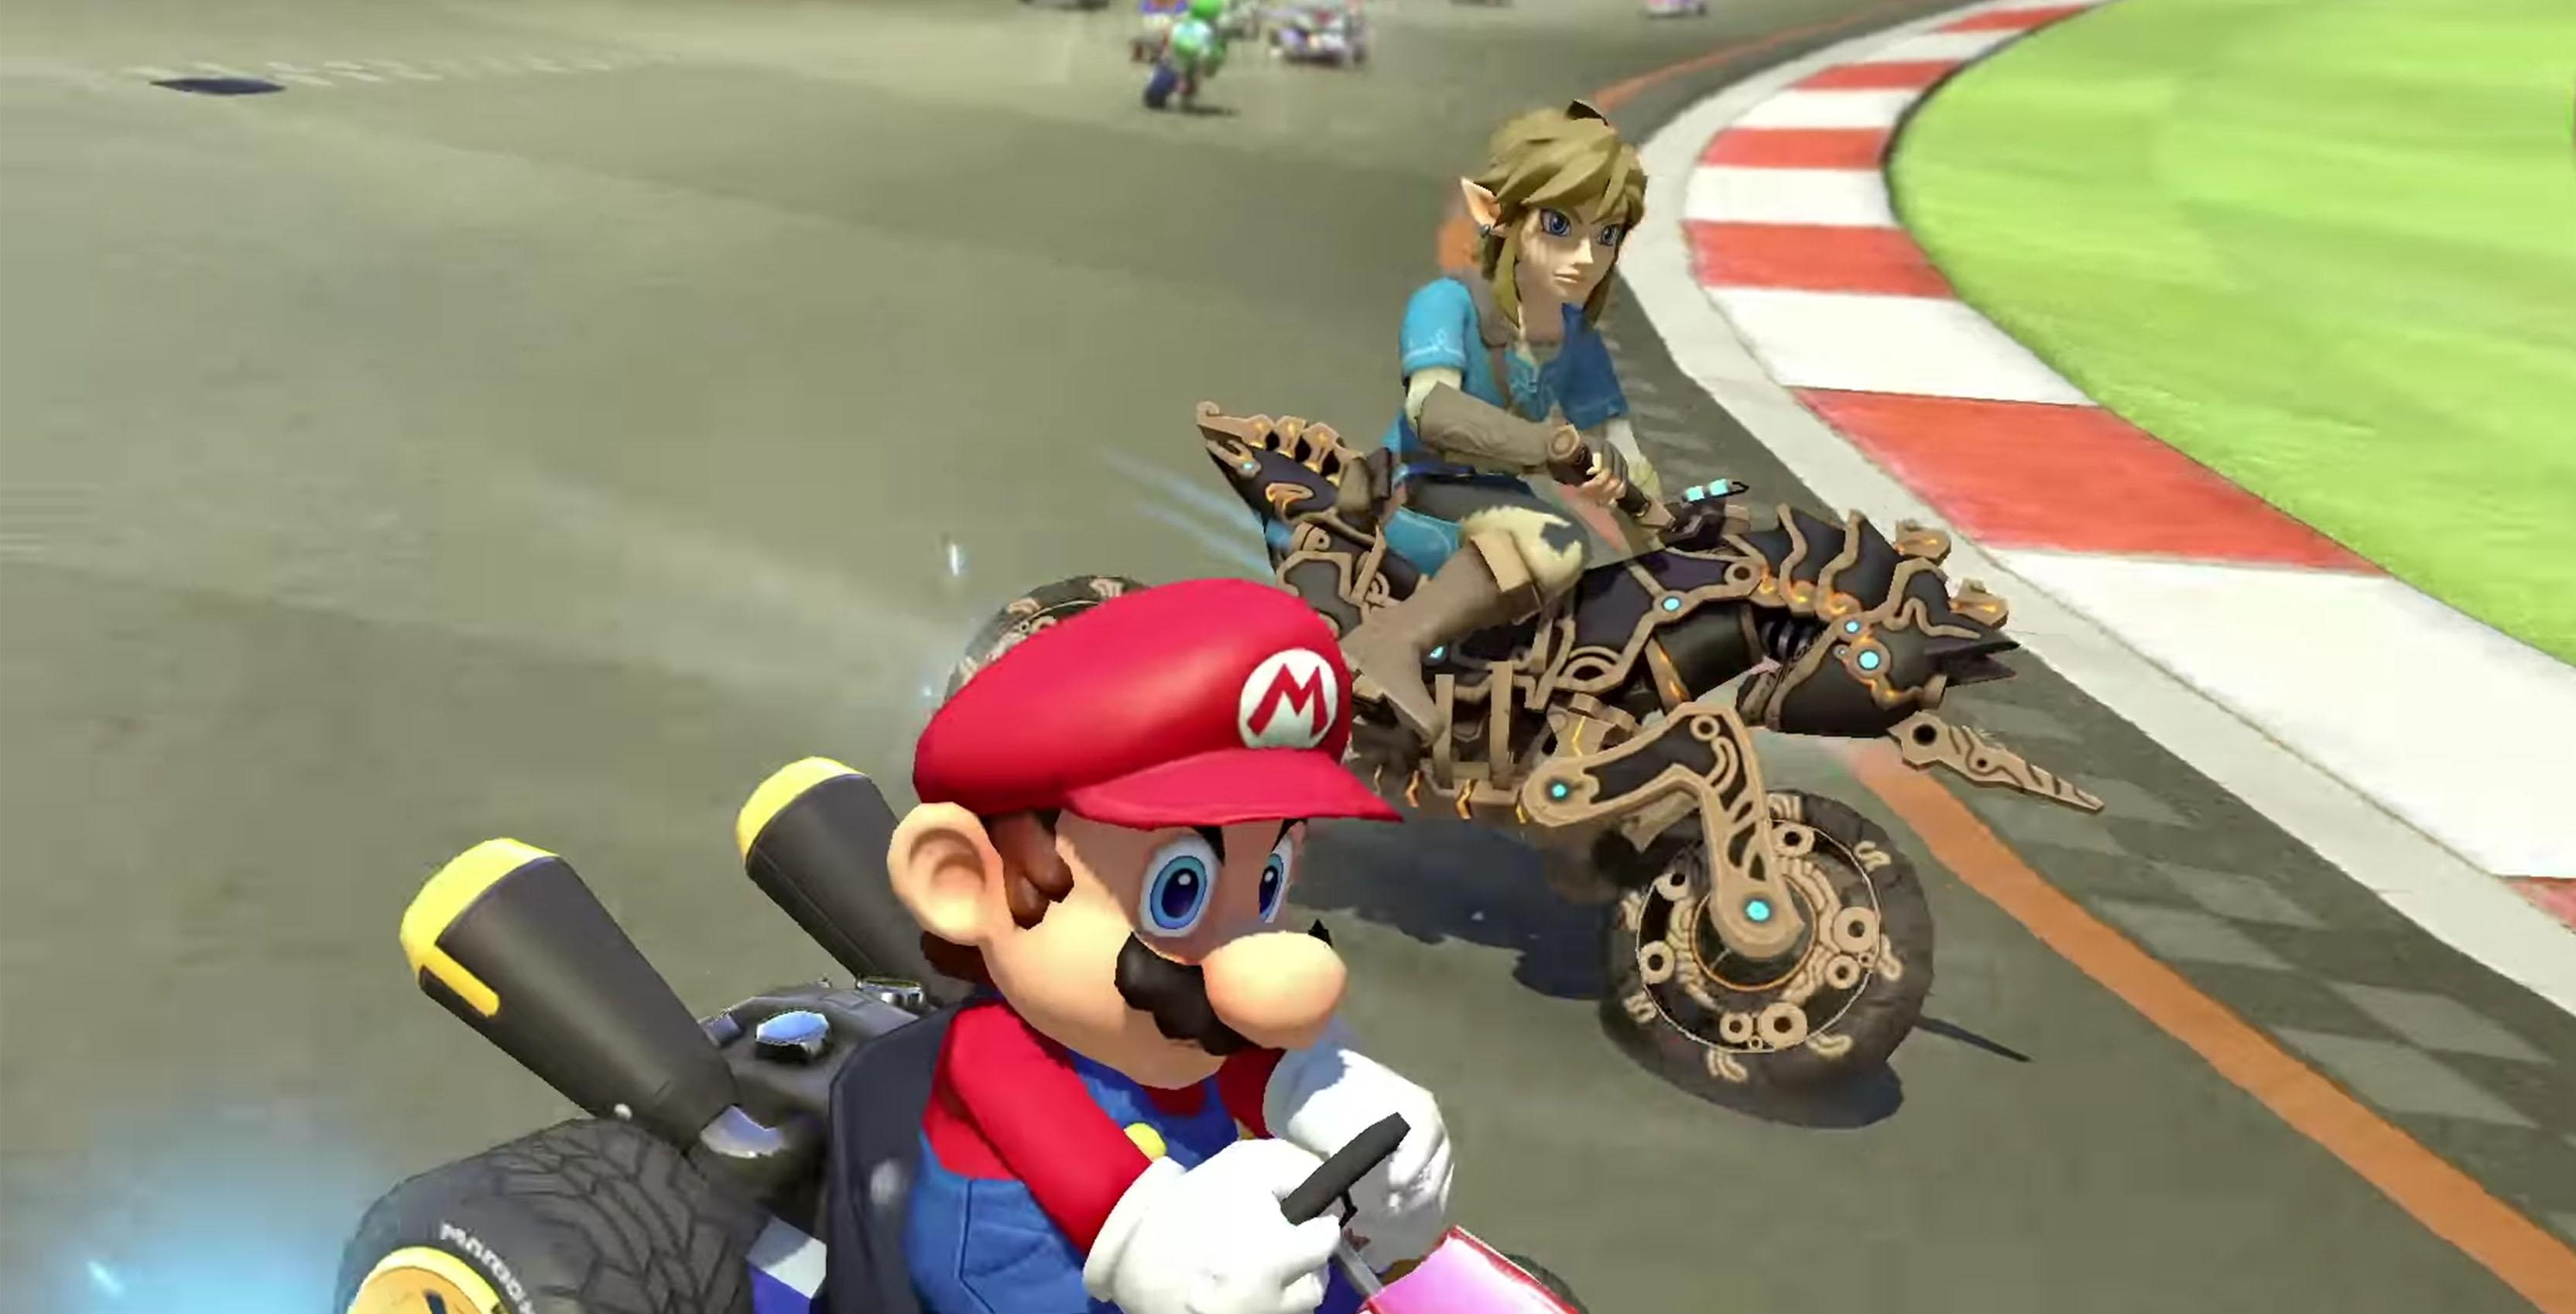 Link in Mario Kart 8 Deluxe